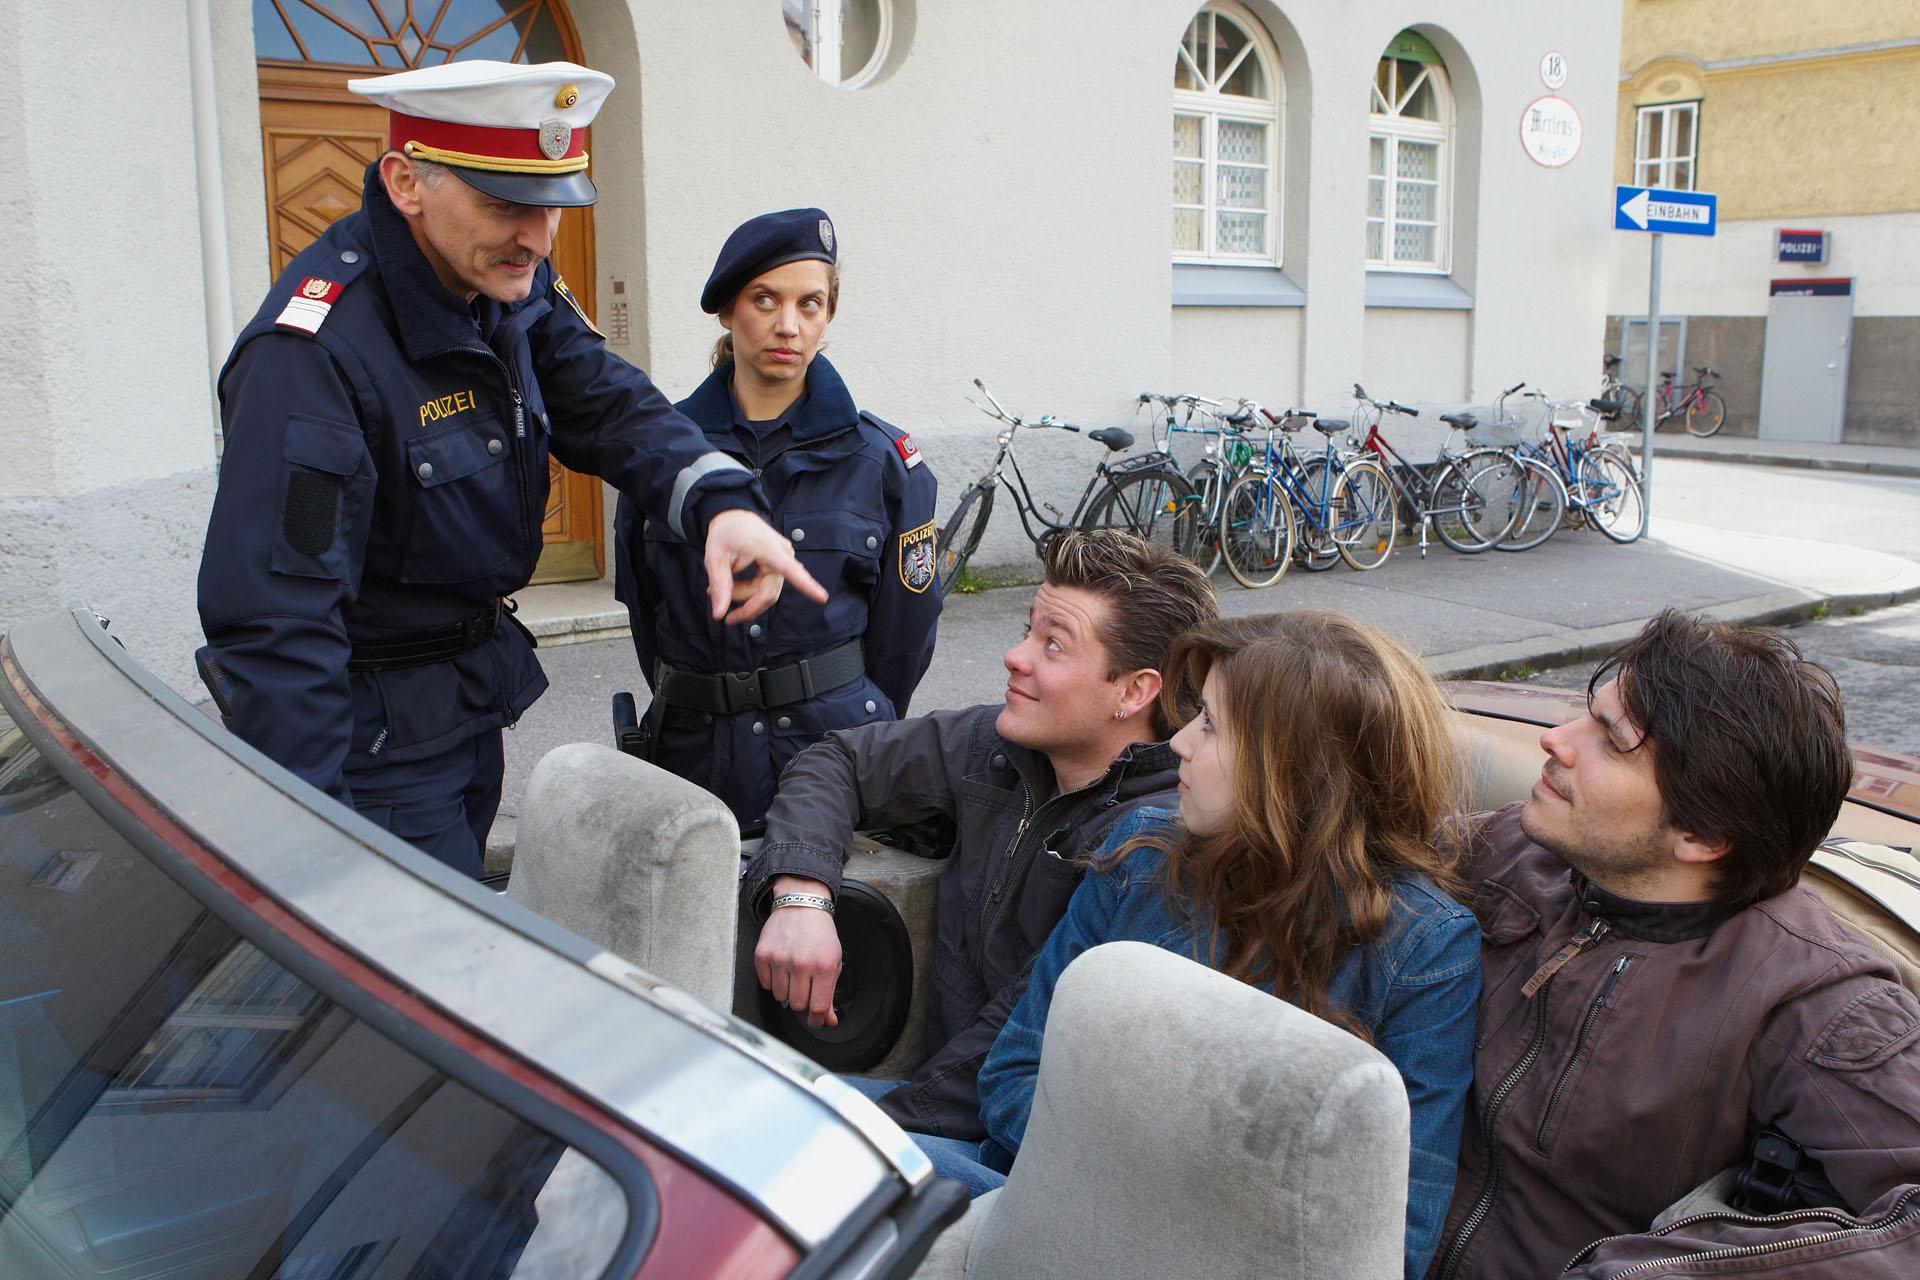 © Star*Film - Manfred Dungl, Martina Schwab, Gernot Pachernigg, Nora Heschl und Philip Leenders